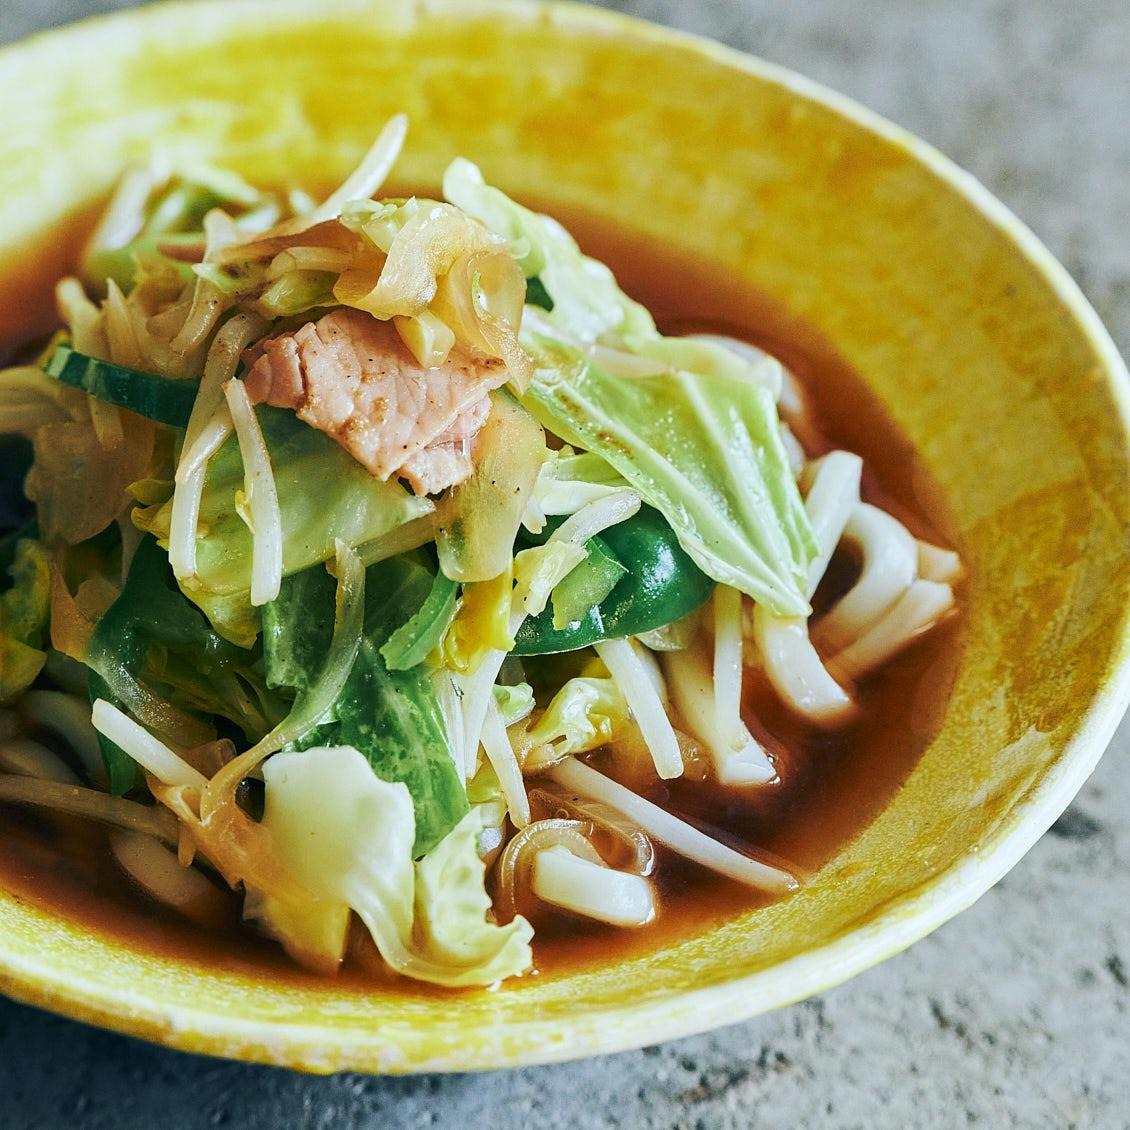 【頼れるうどん】第1話:冷蔵庫の残り野菜を使い切る!タンメン風うどん